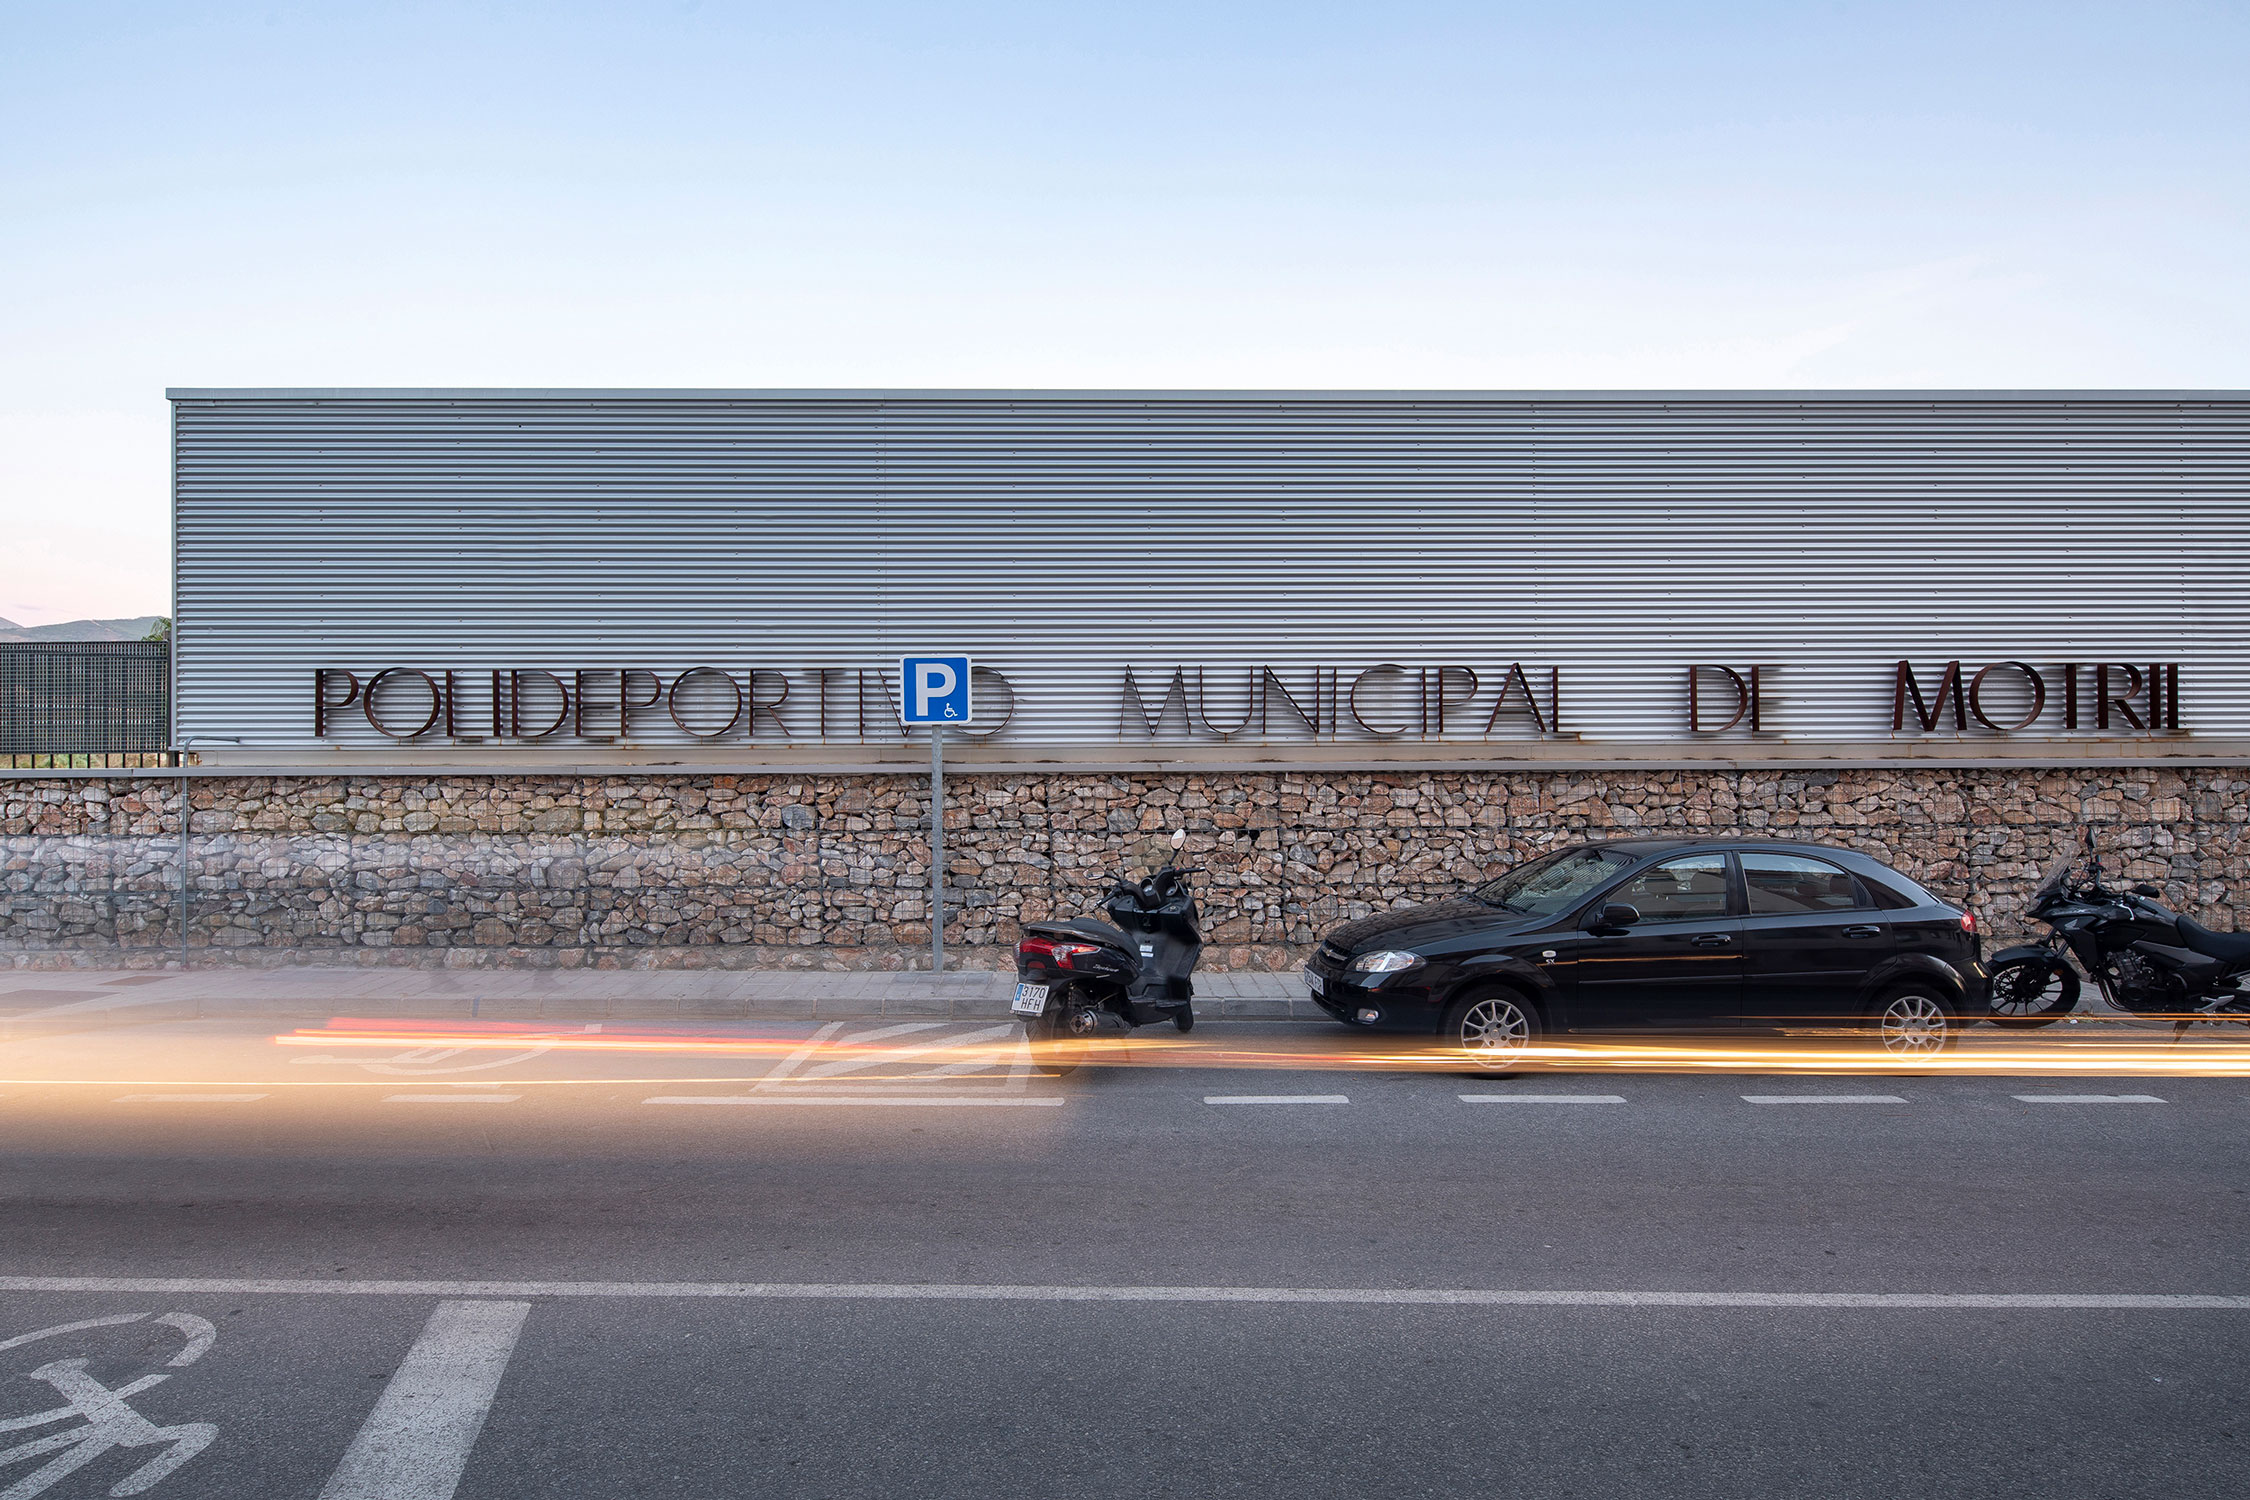 Polideportivo-municipal-motril